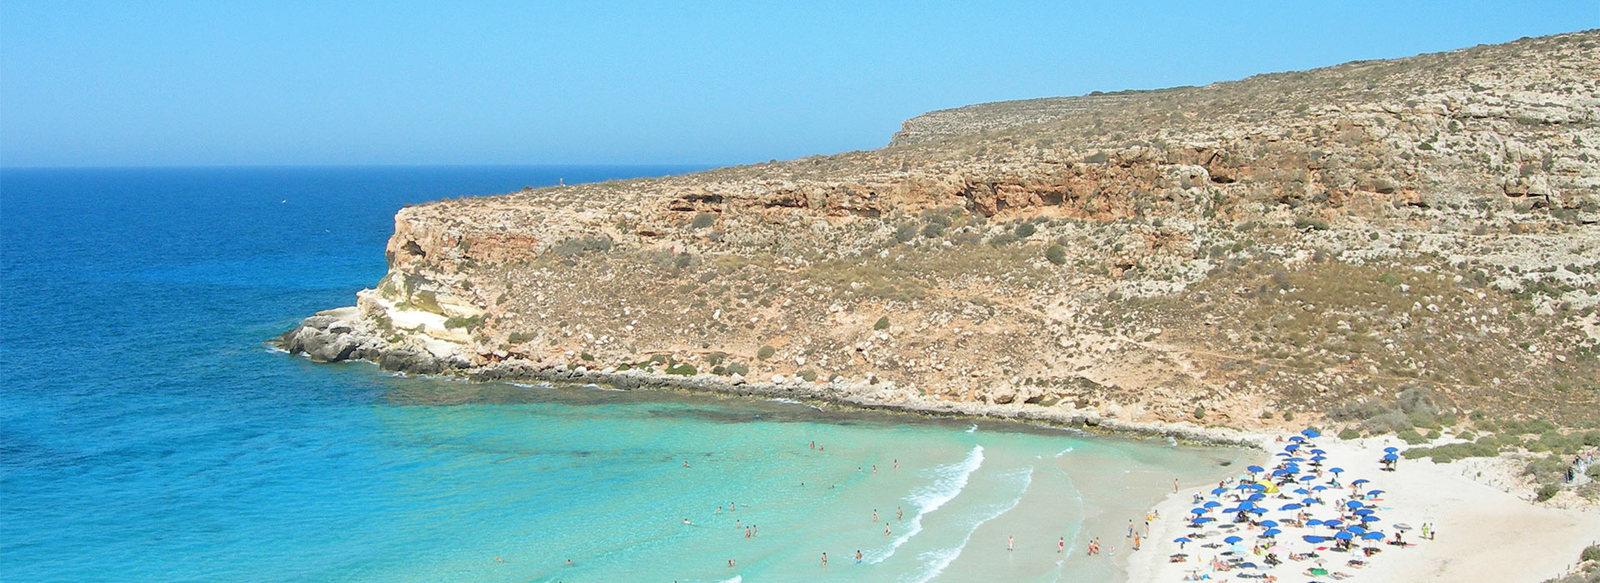 Miglior Prezzo Hotel Medusa Lampedusa Sicilia